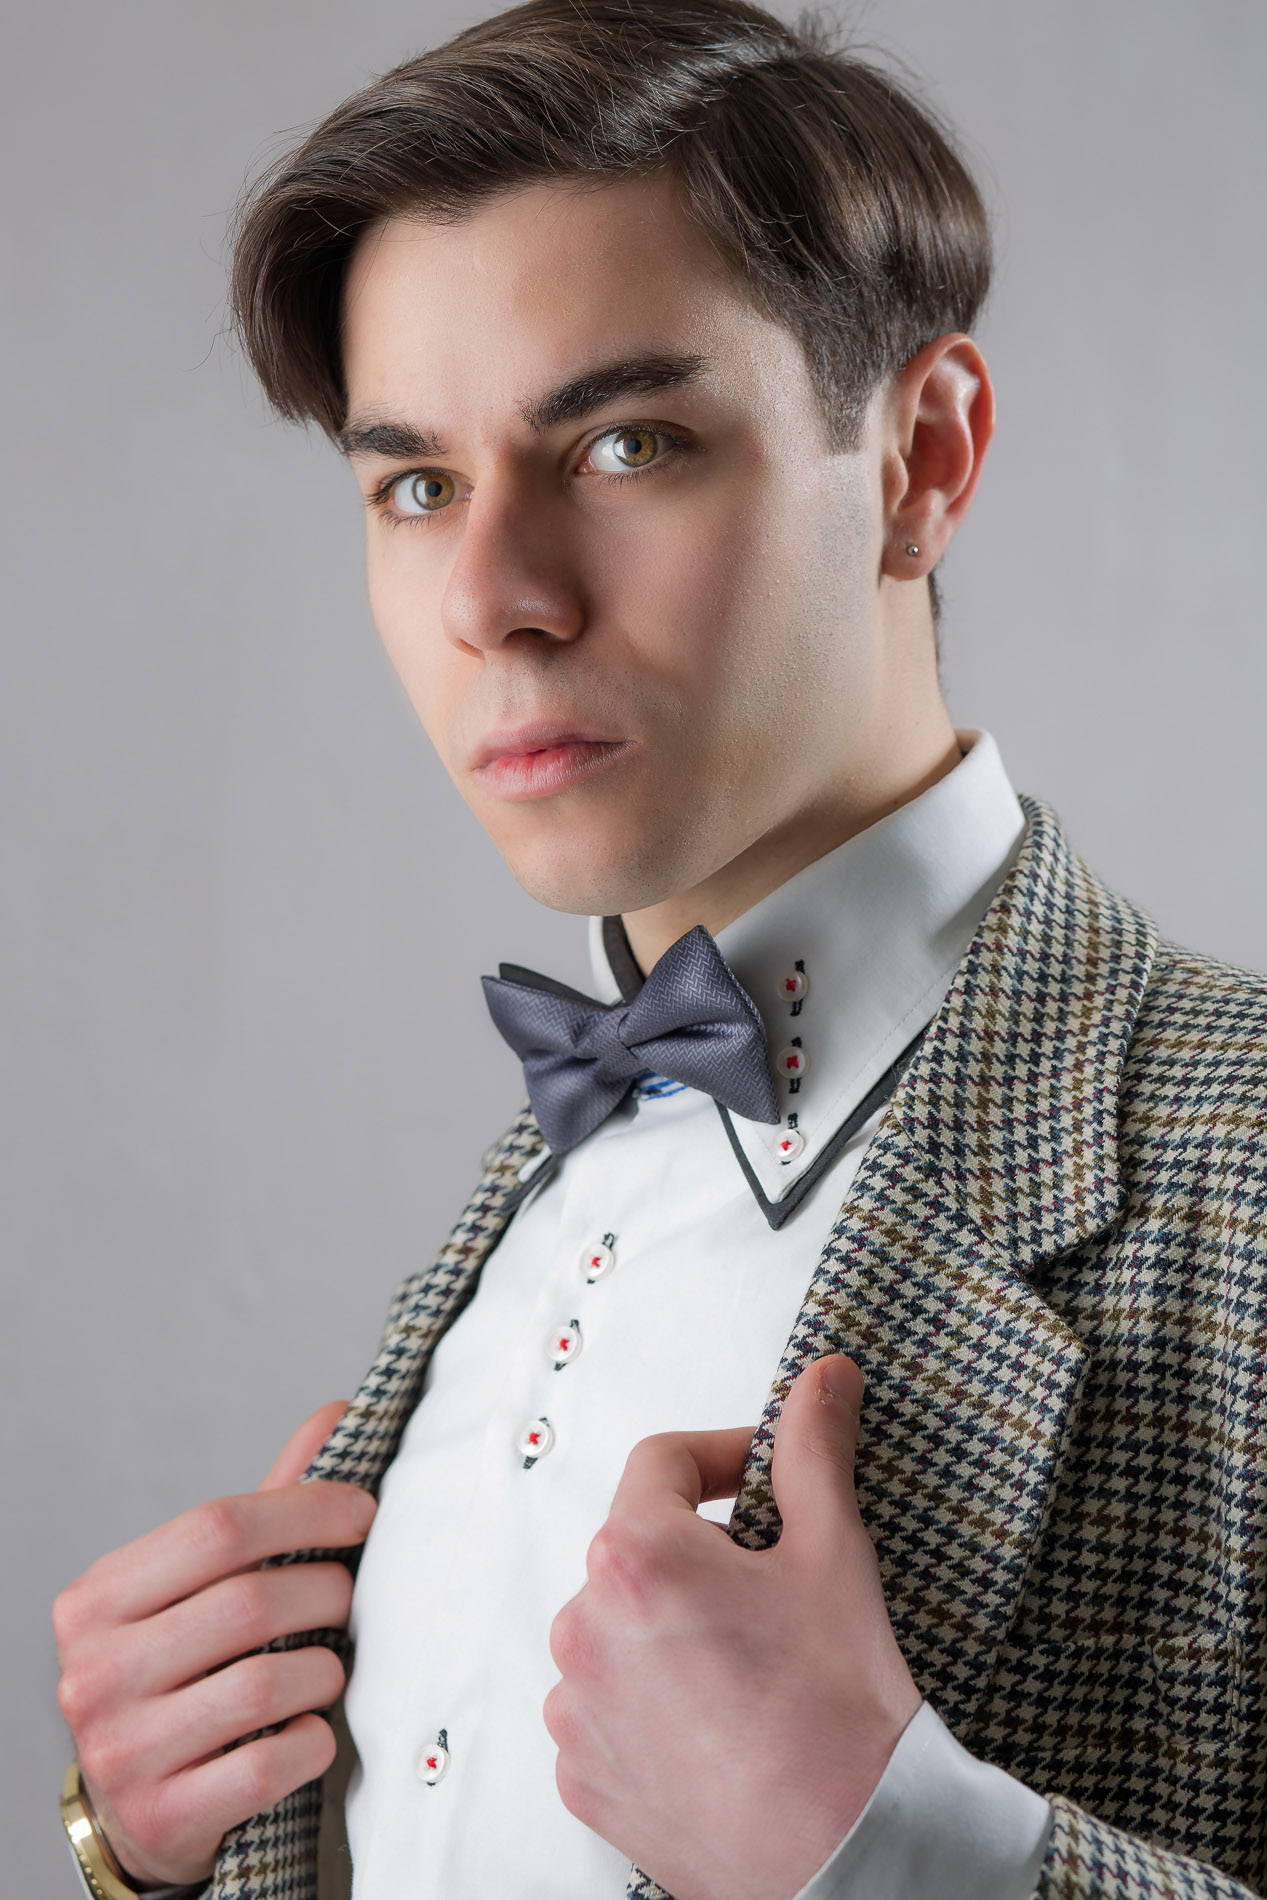 Categorie: Fashion, Portrait; Photographer: CALOGERO CHINNICI; Model: MARCO CASTELLANO; Location: Trieste, TS, Italia